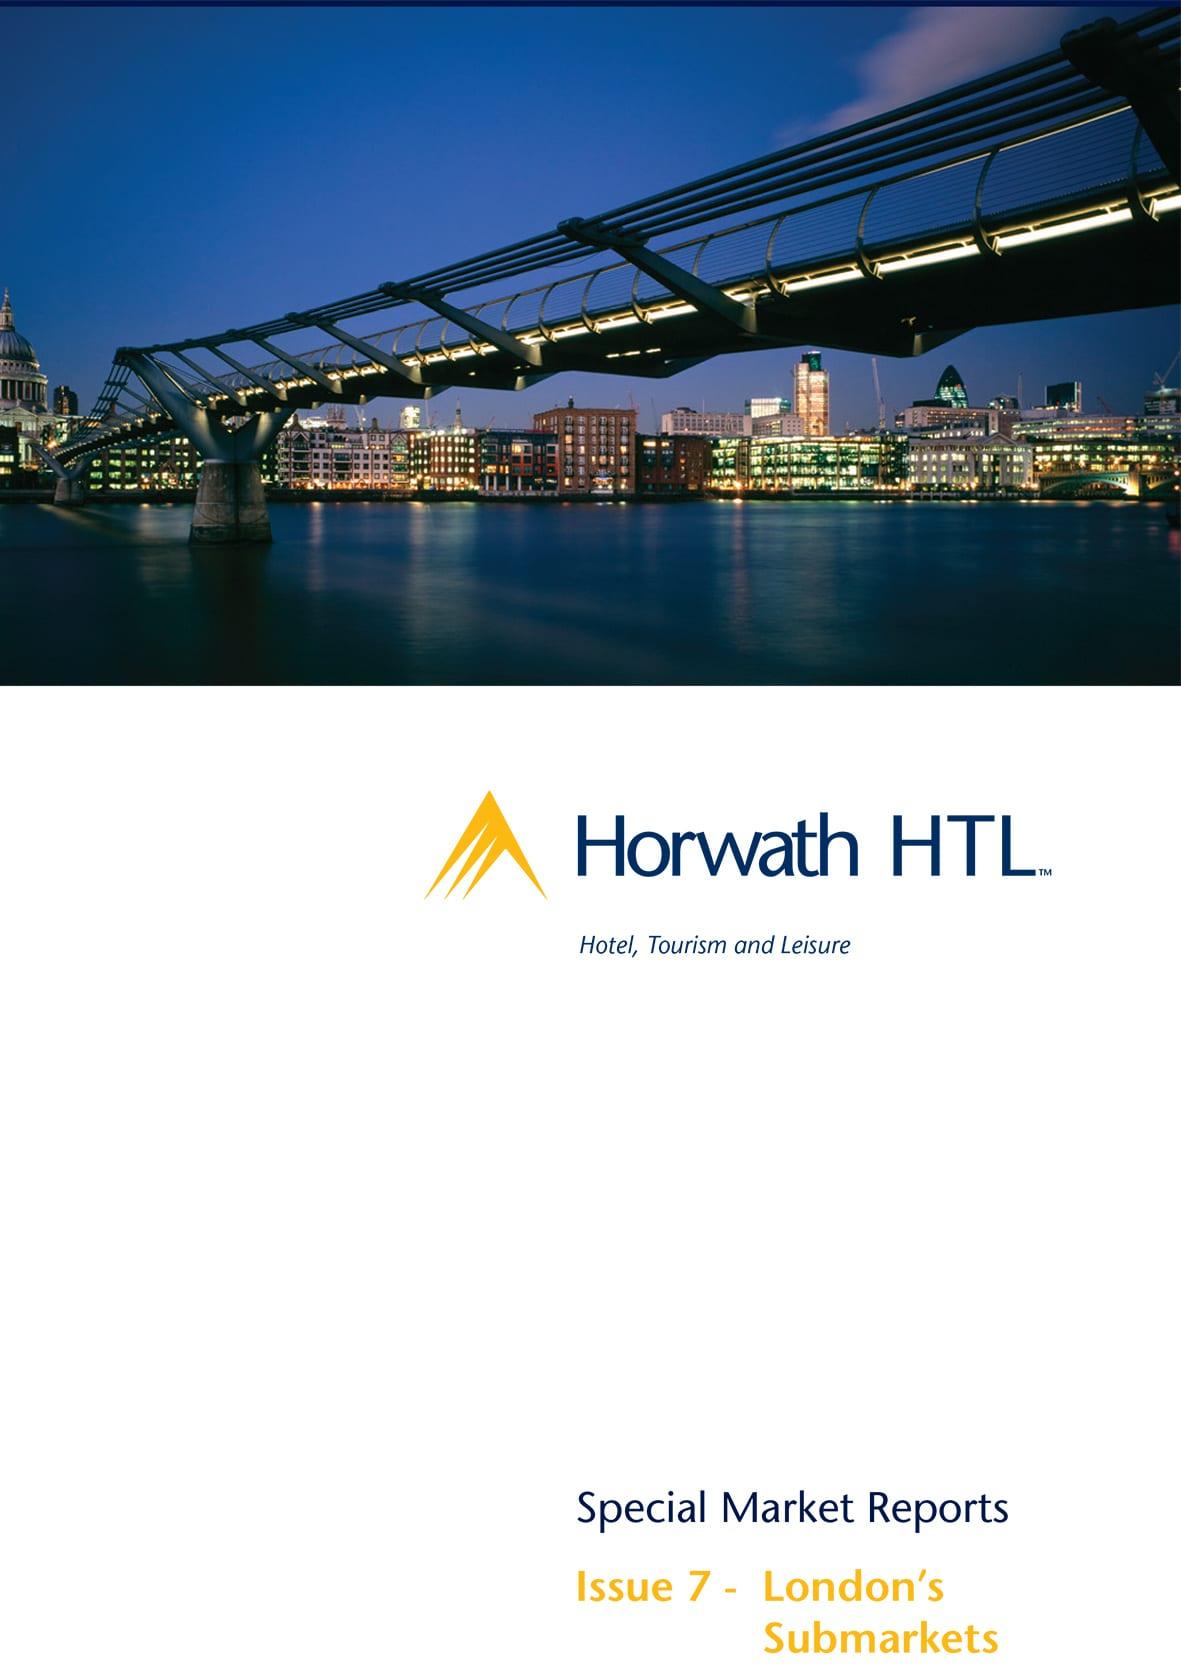 HorwathHTL LONDON Report 1